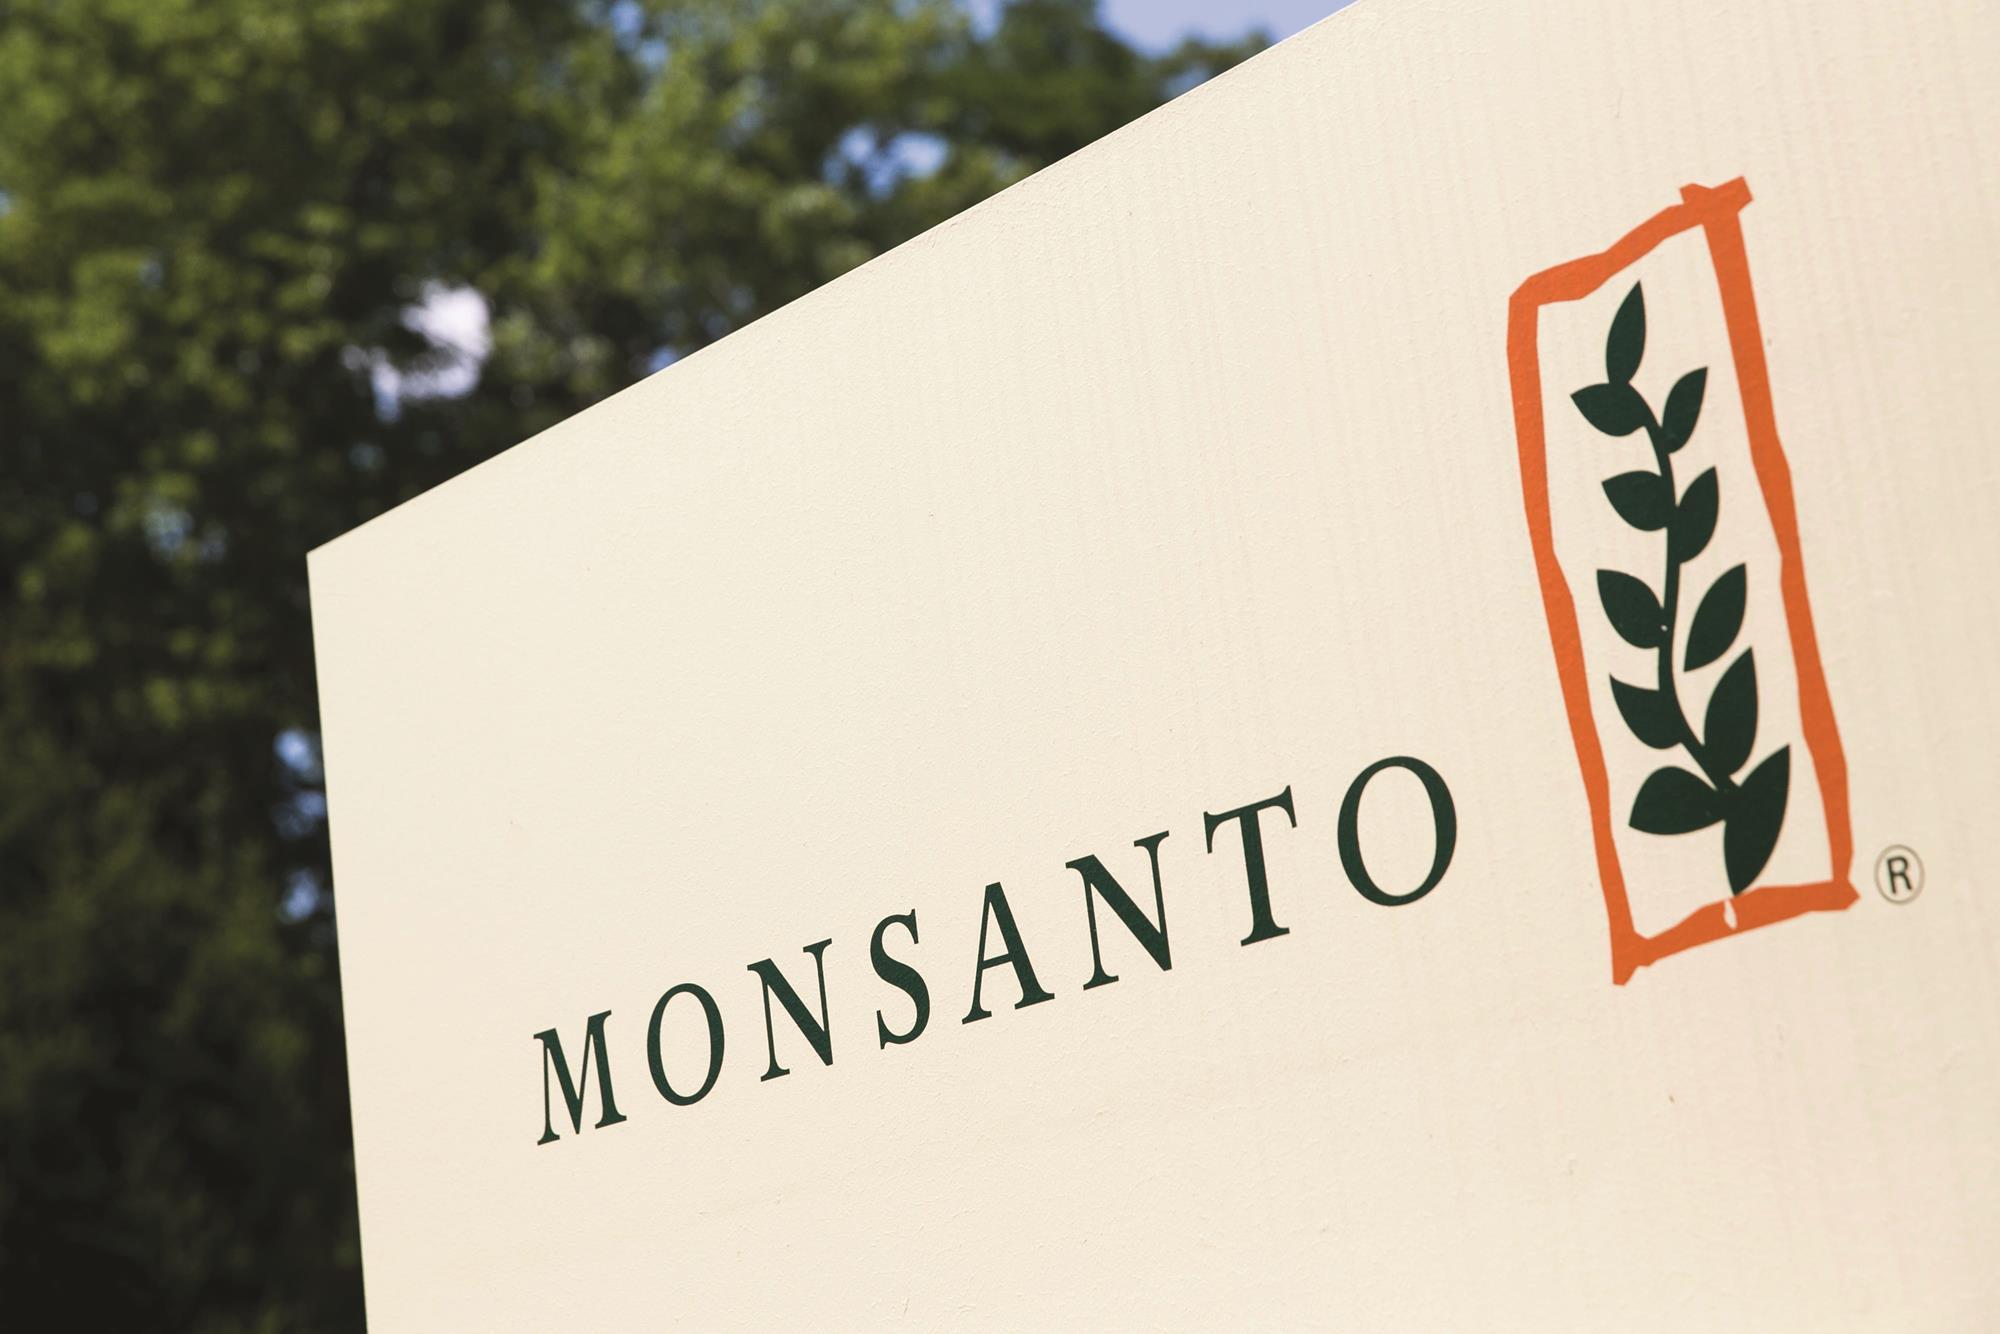 семена хлопчатника, семенная компания, Monsanto, Индия